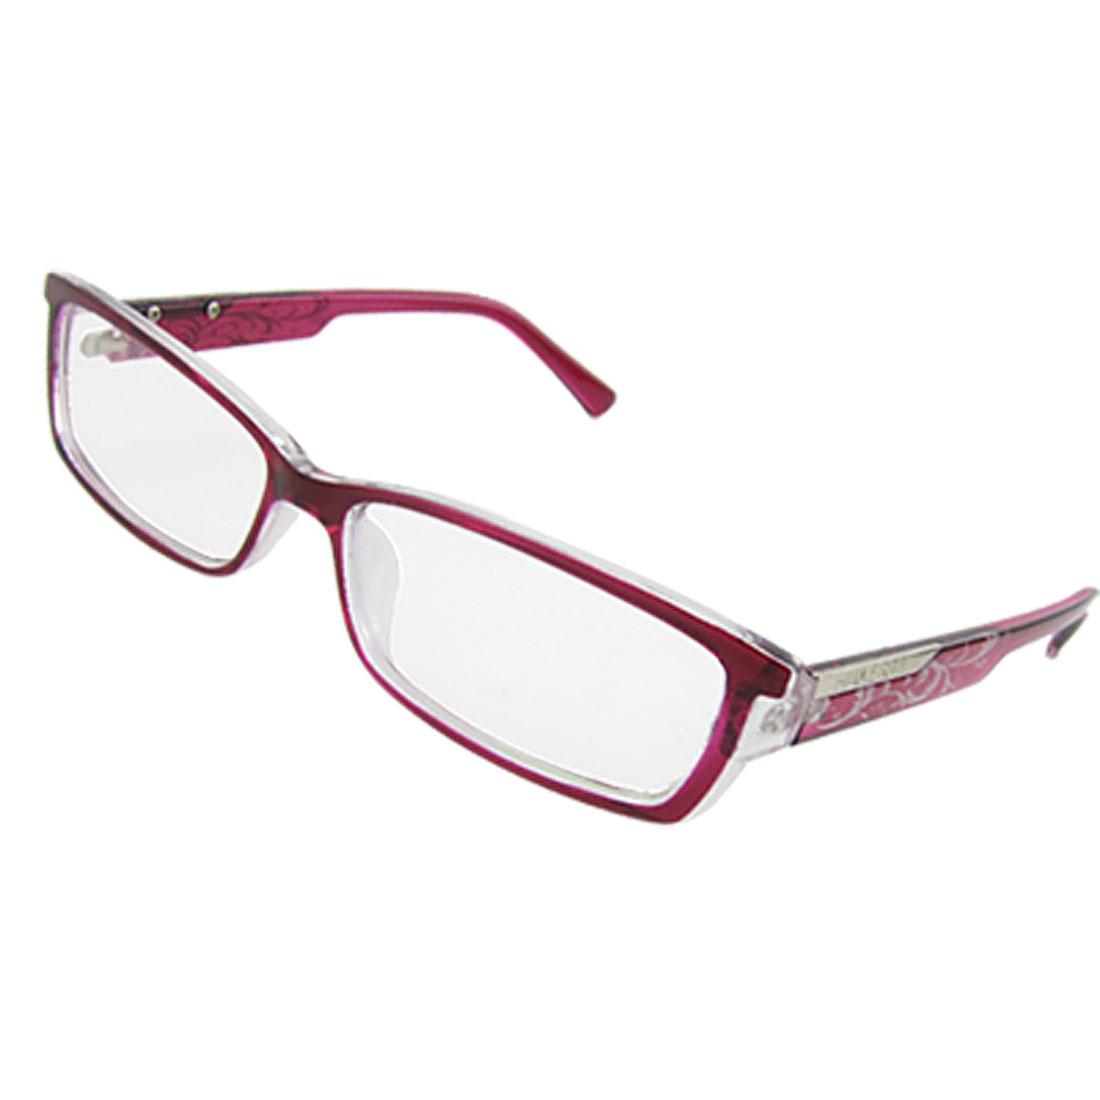 Ladies Sangria Full Frame Rectangle Multi Coated Lens Plain Glasses Spectacles